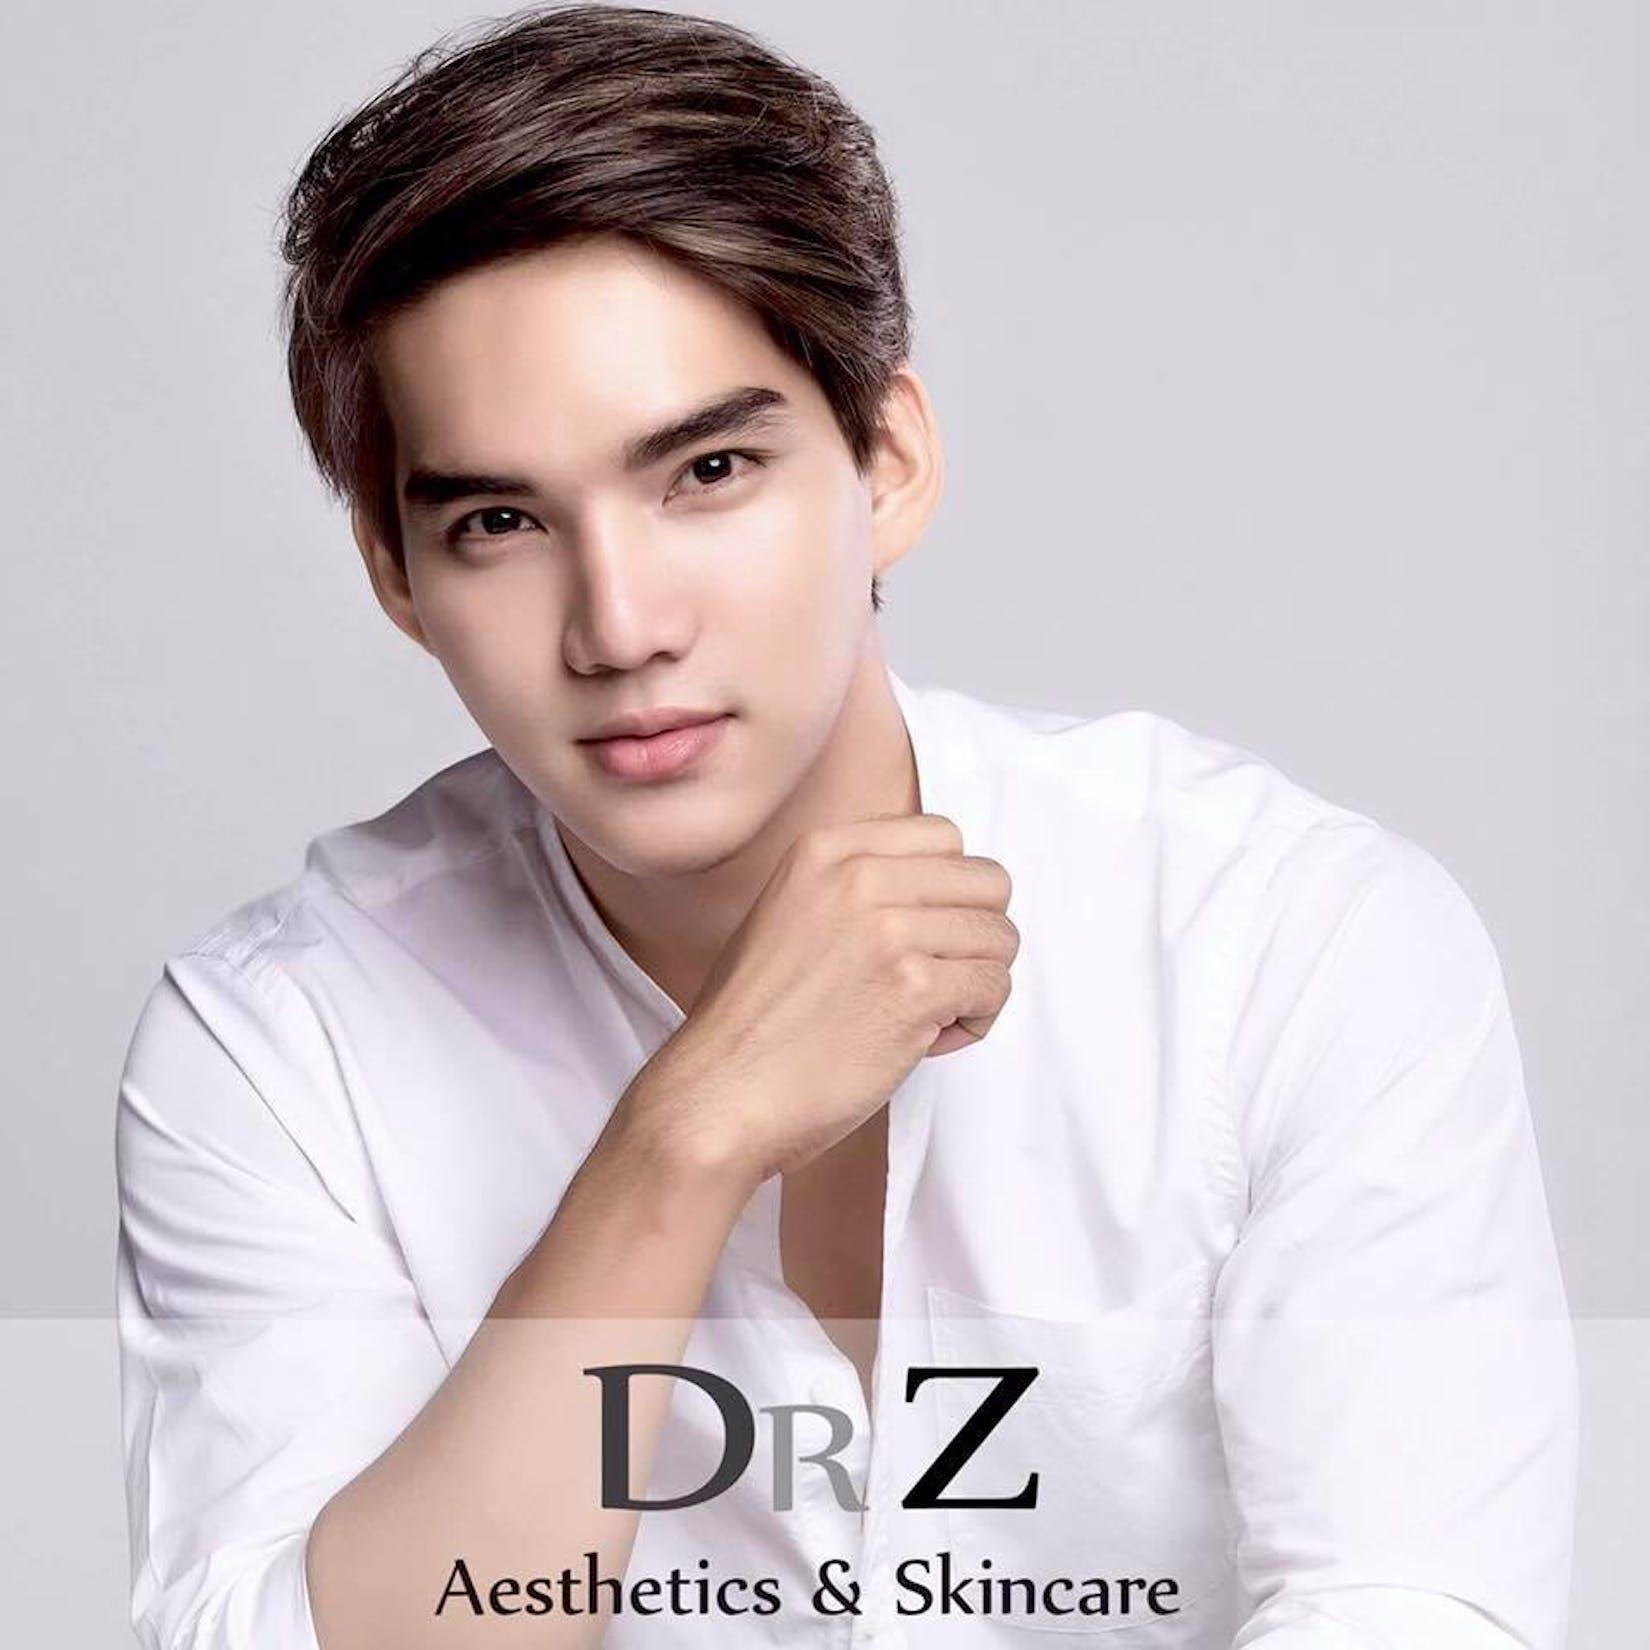 DrZ (Sanchaung) | Beauty